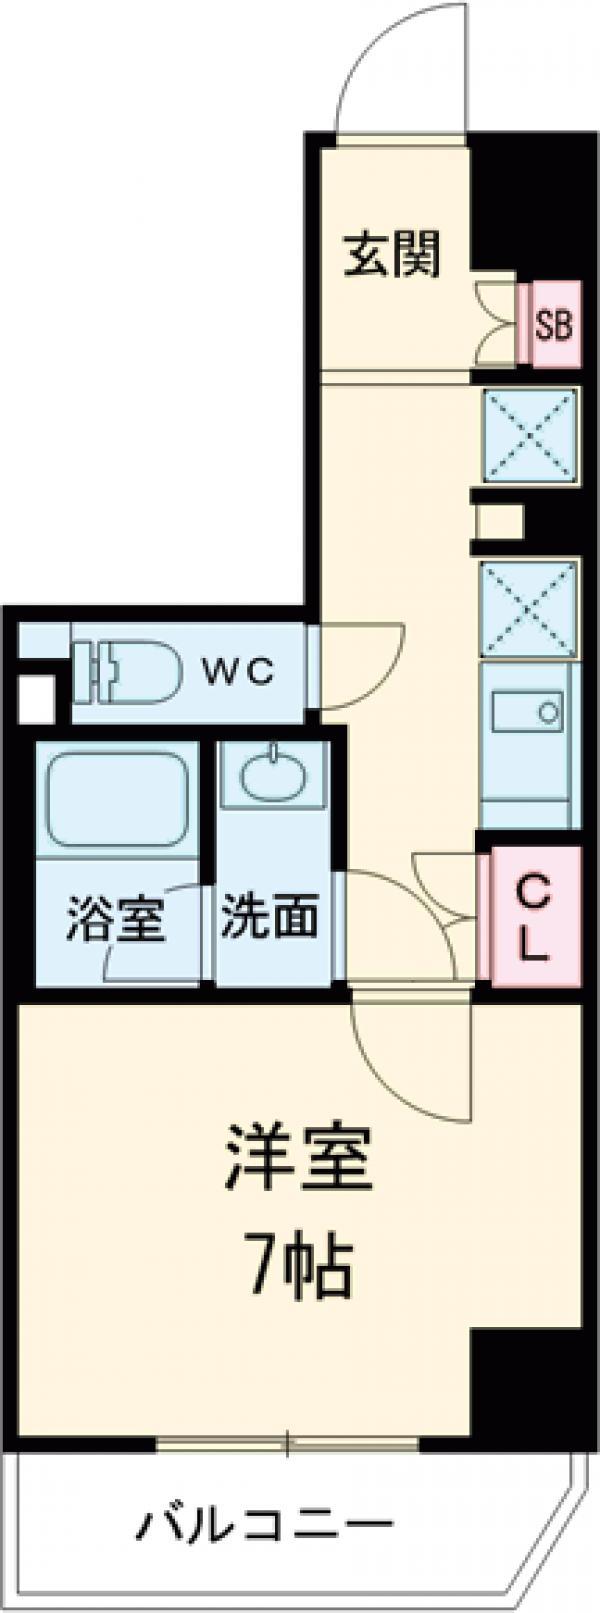 レオーネ高島平・405号室の間取り